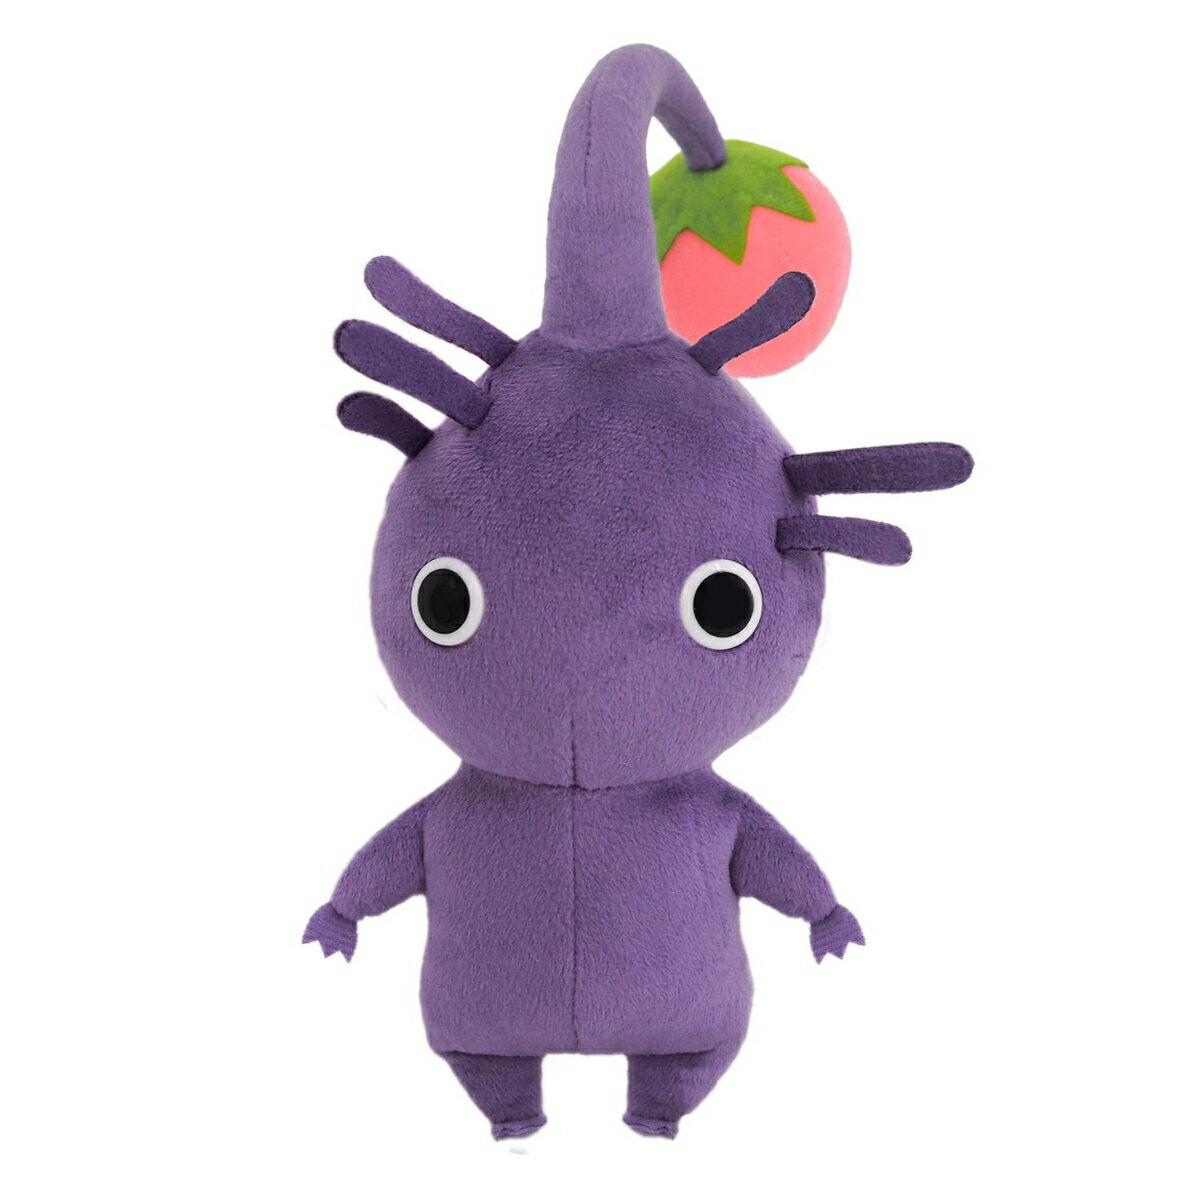 ピクミン ぬいぐるみ PK08 紫ピクミン